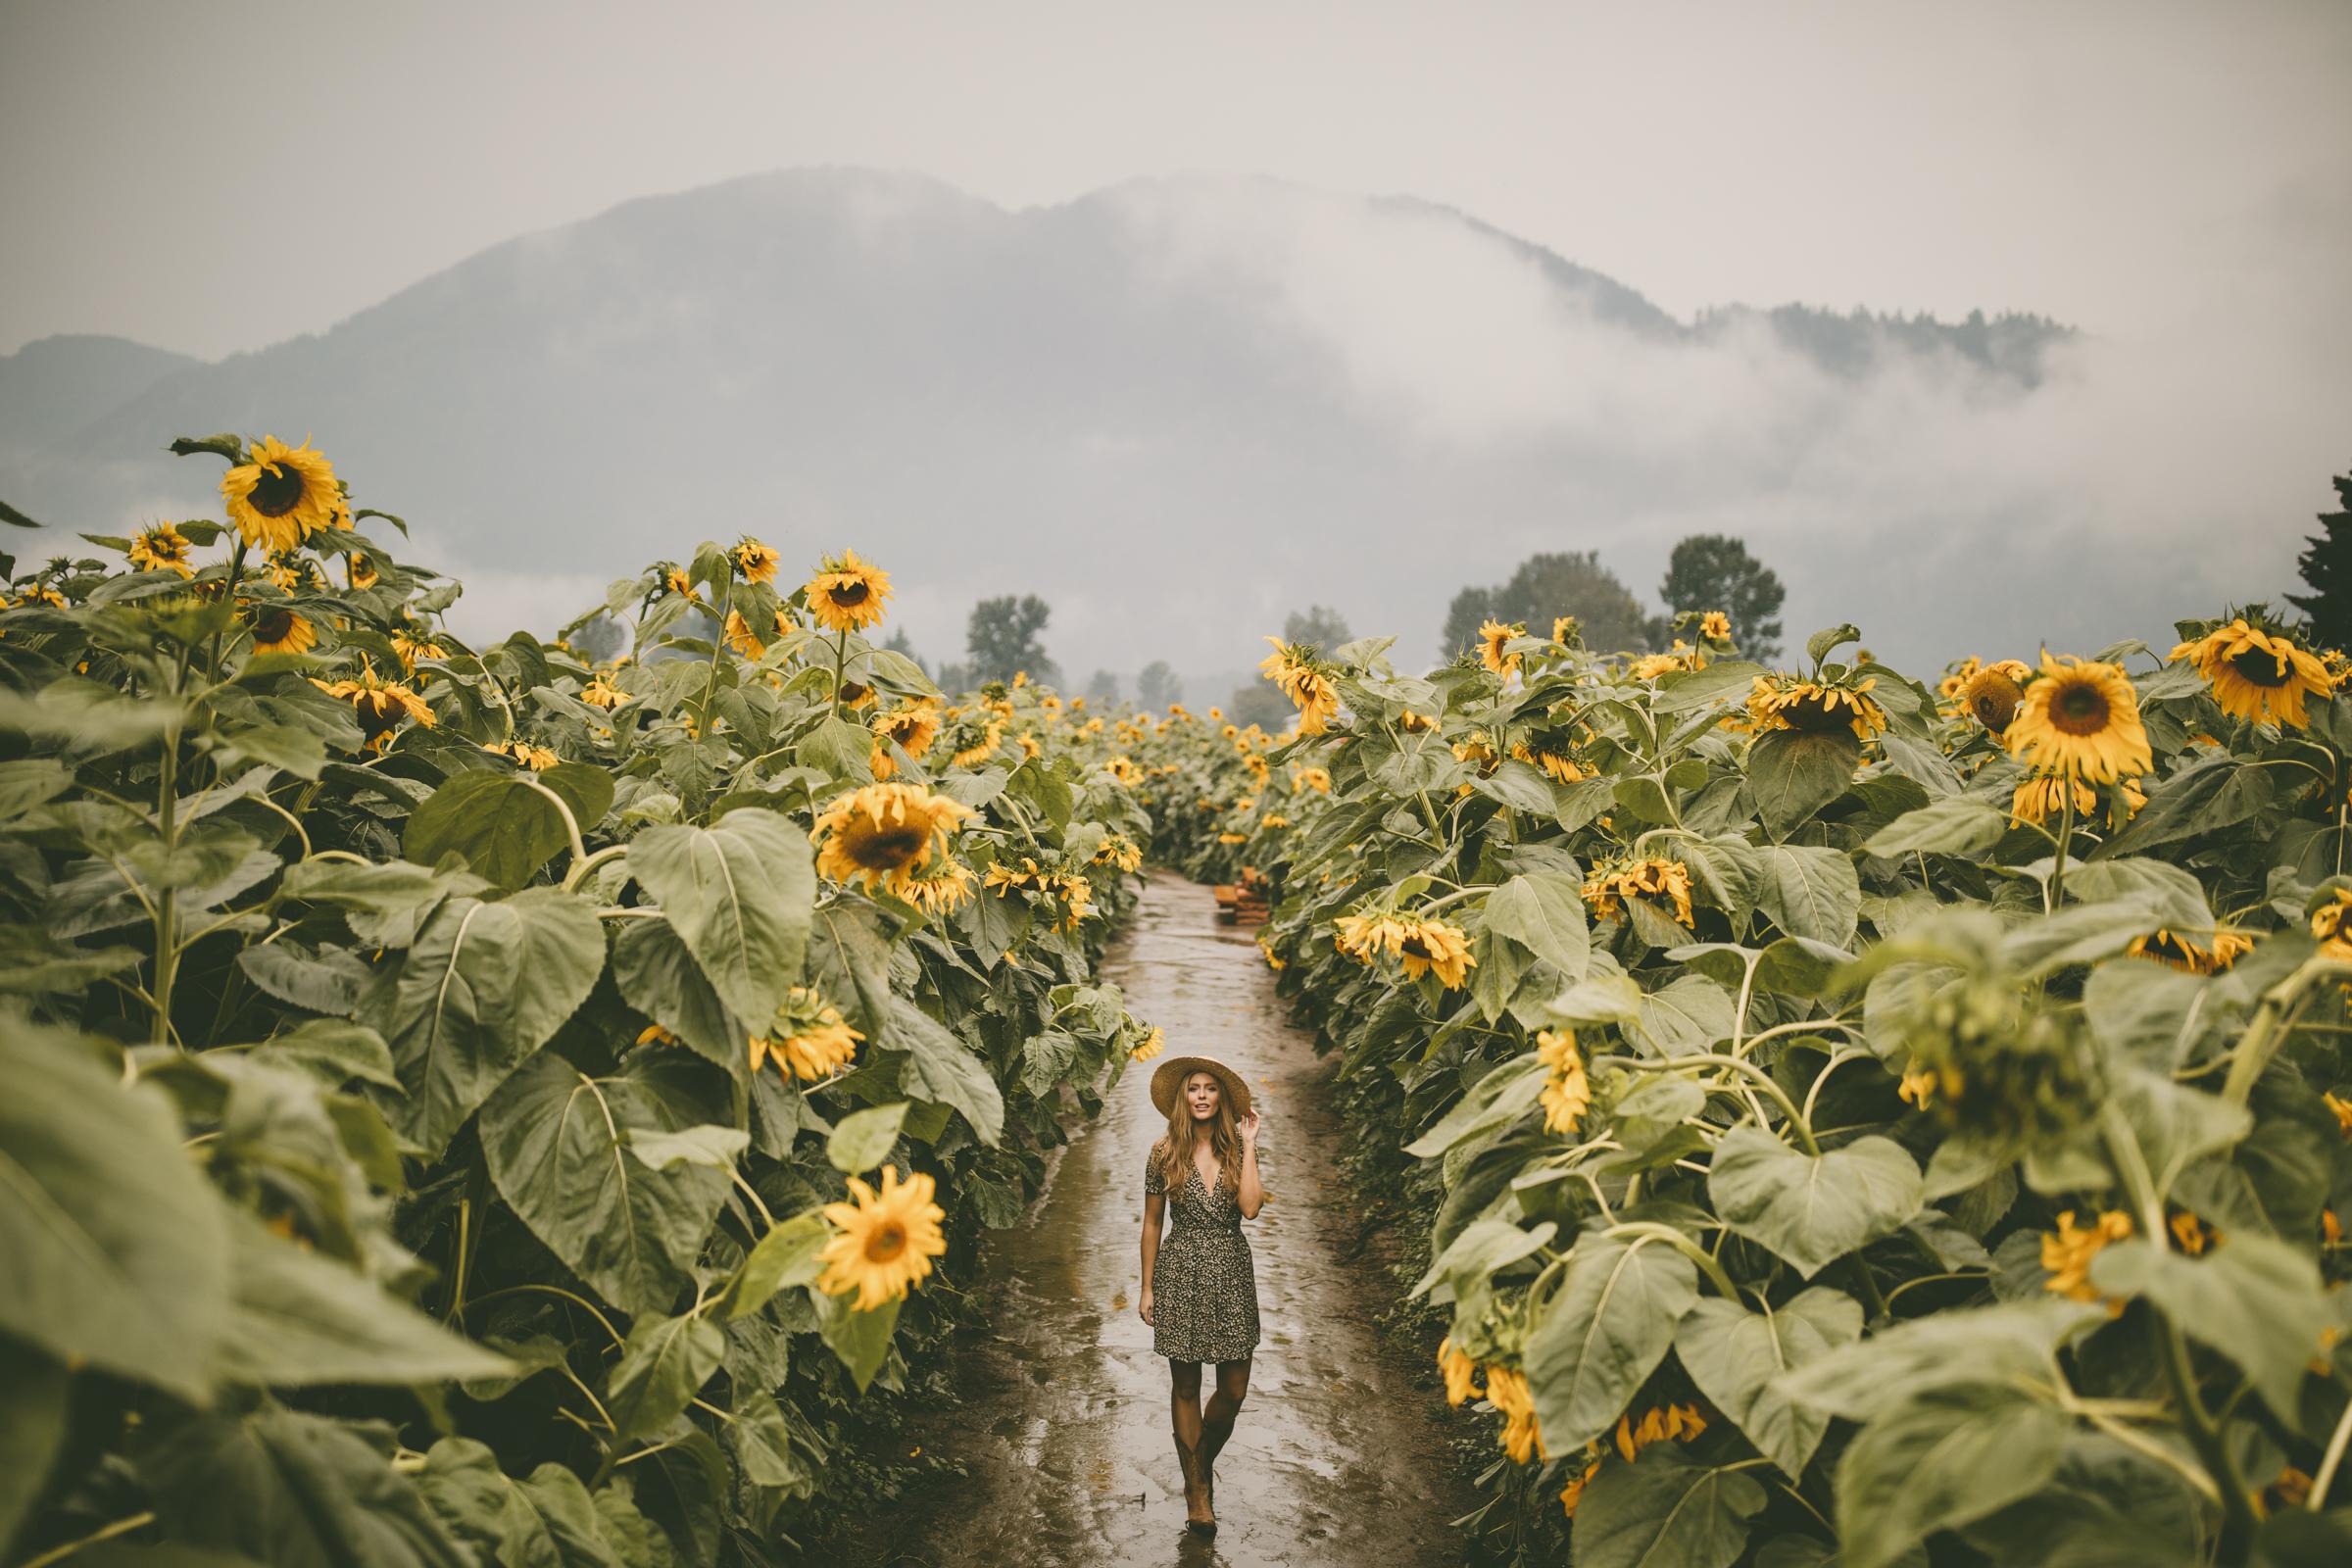 15. ...Sunflower garden advise